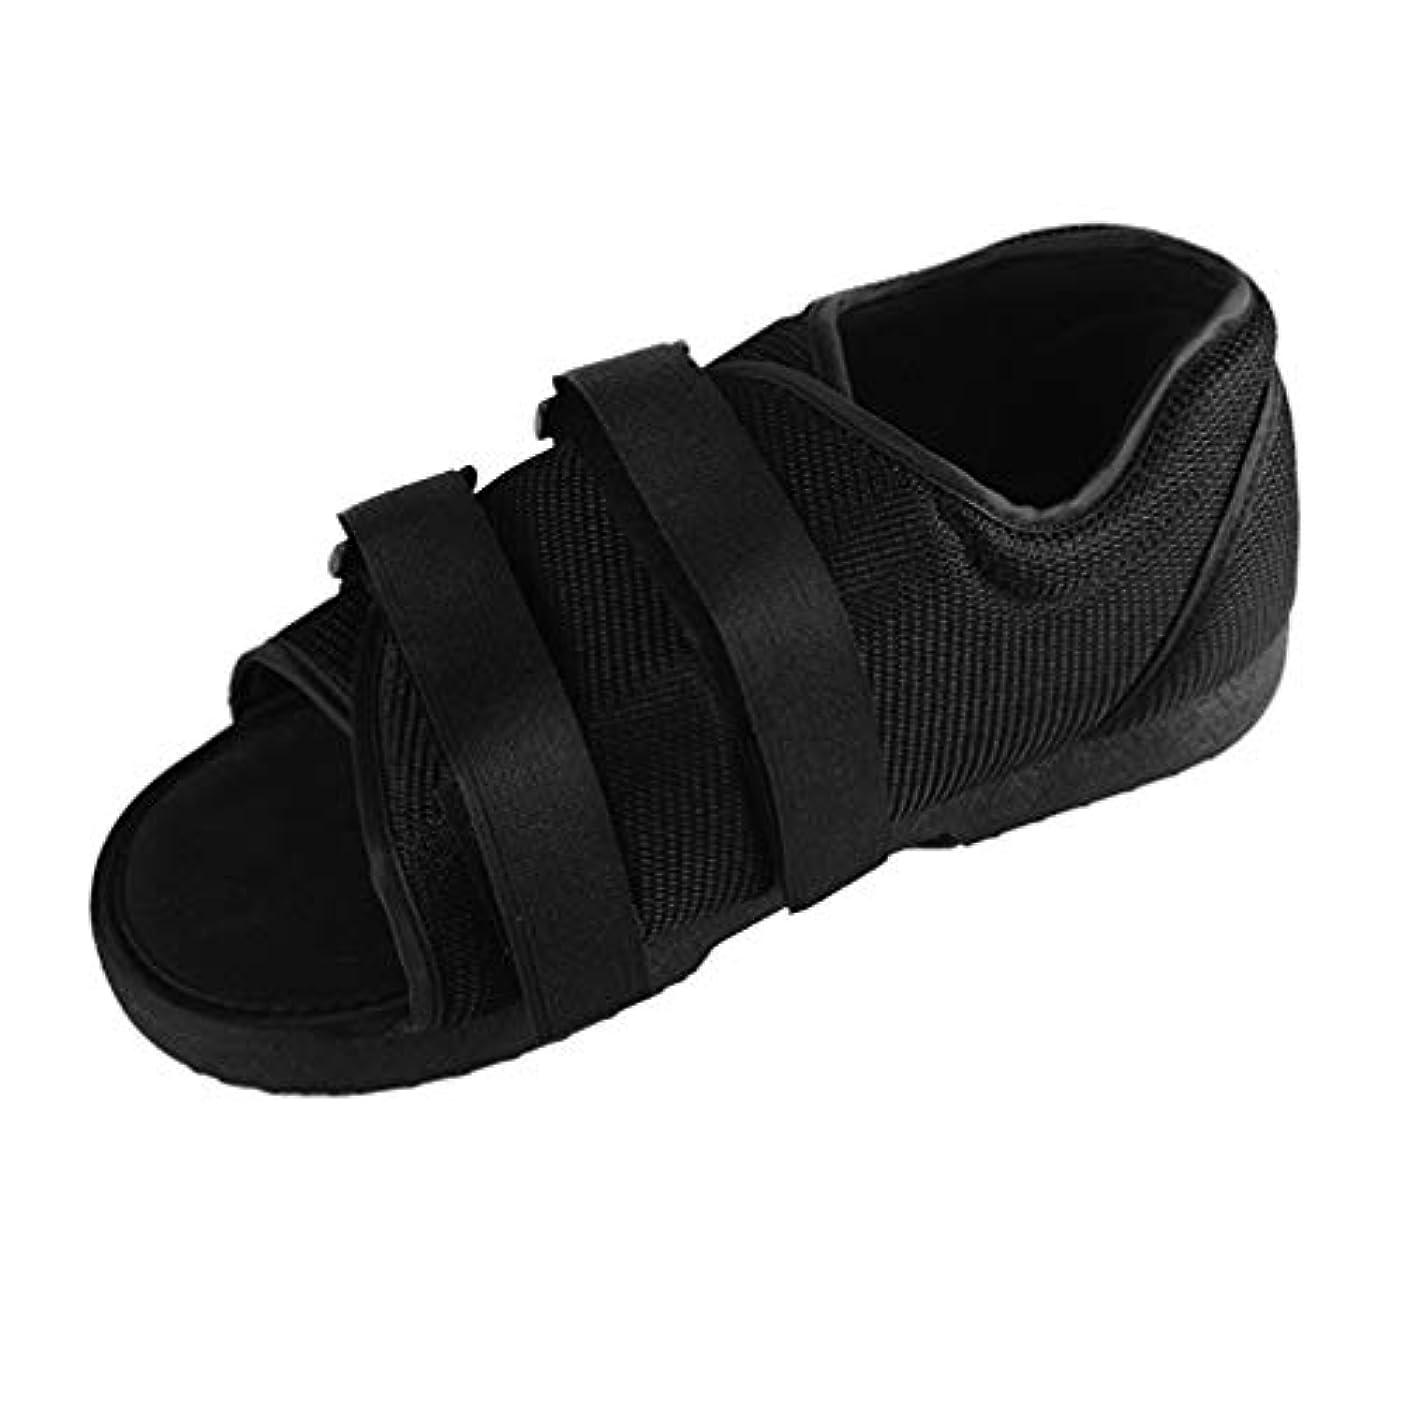 余分な贅沢な広告主Healifty 手術後の靴メディカルウォーキングシューズ調節可能なストラップ怪我変形親指外反靴足の骨折患者(wm黒)